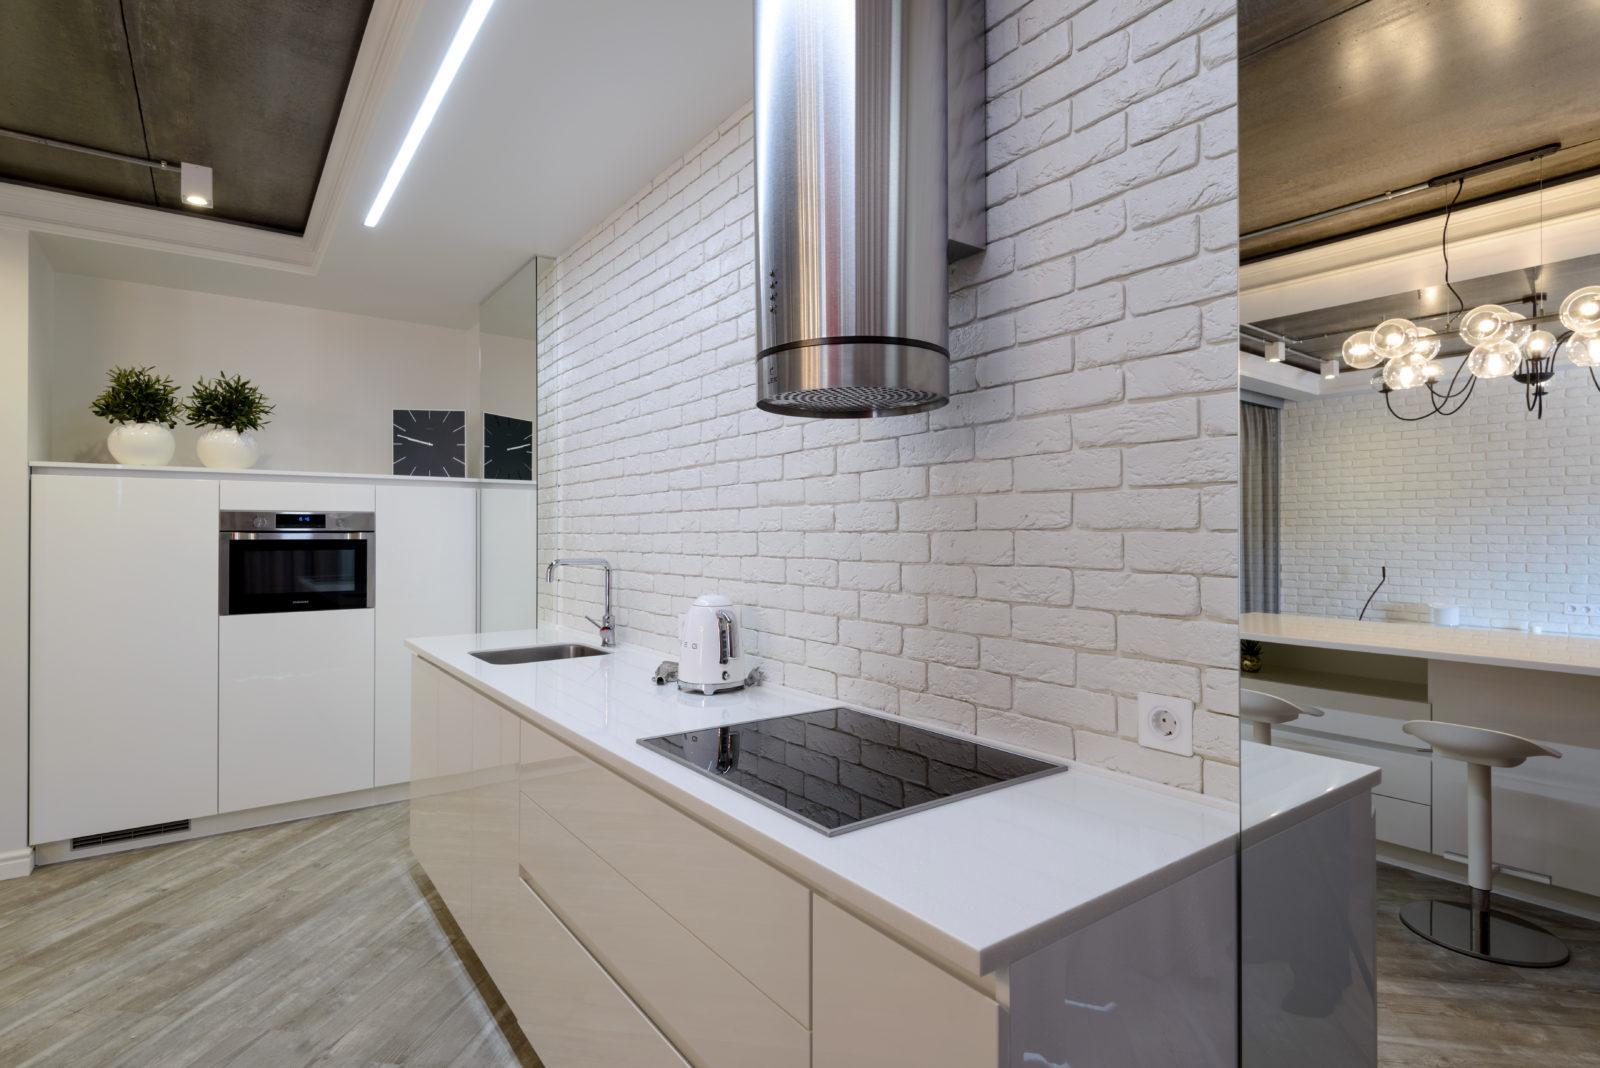 Дизайн интерьера кухни в квартире ( Академгородок )